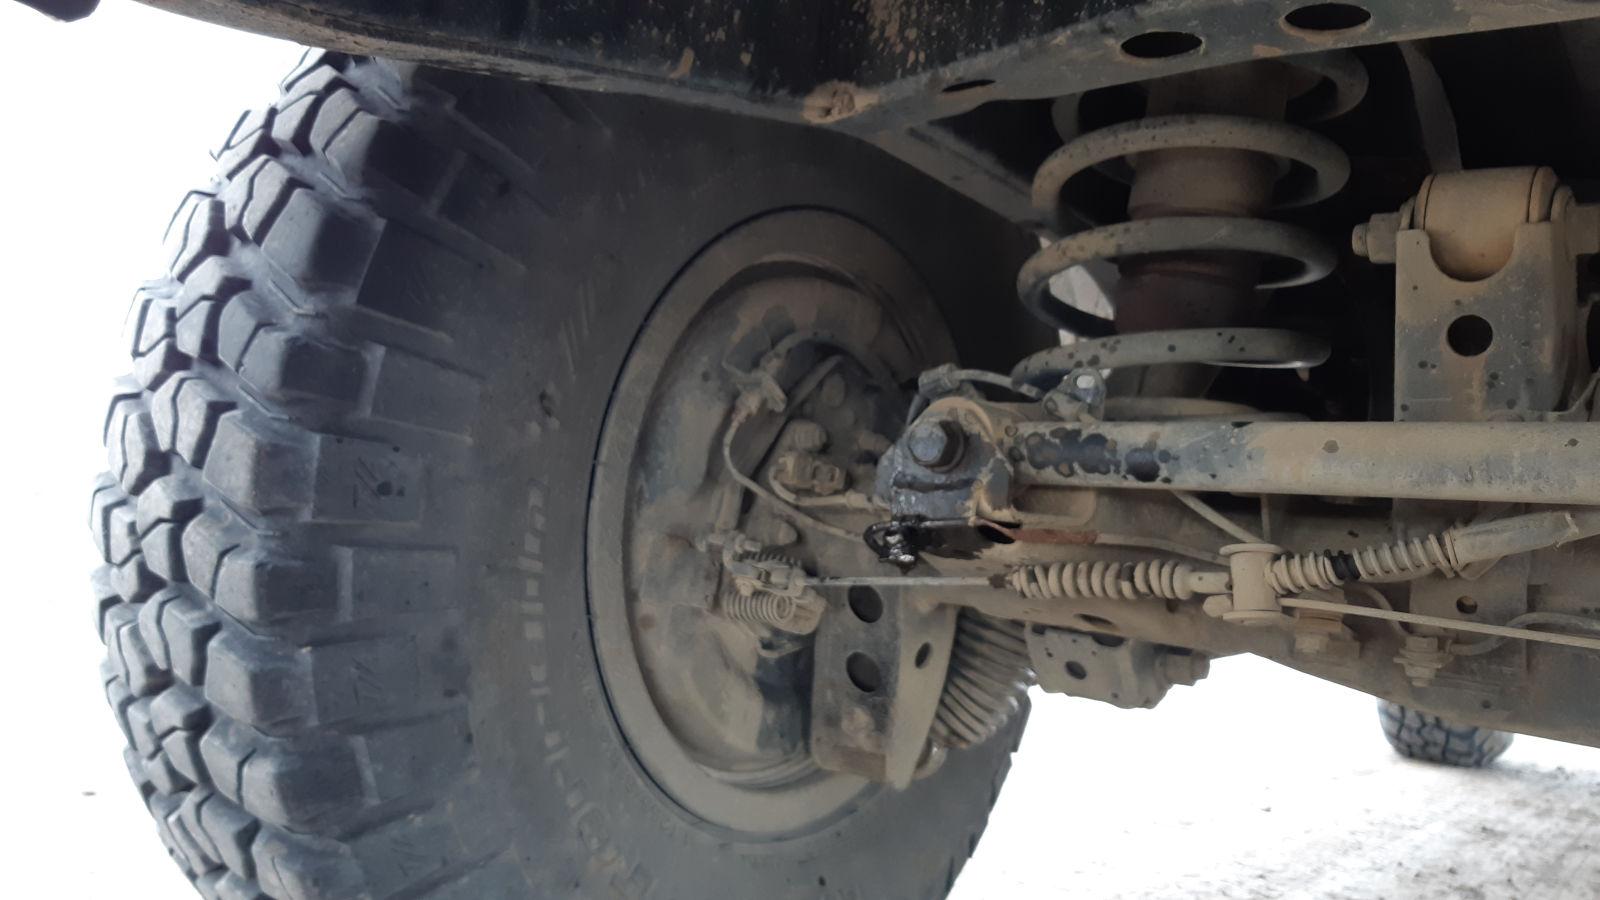 Durchgescheuerte Bremsleitung am Toyota Land Cruiser.